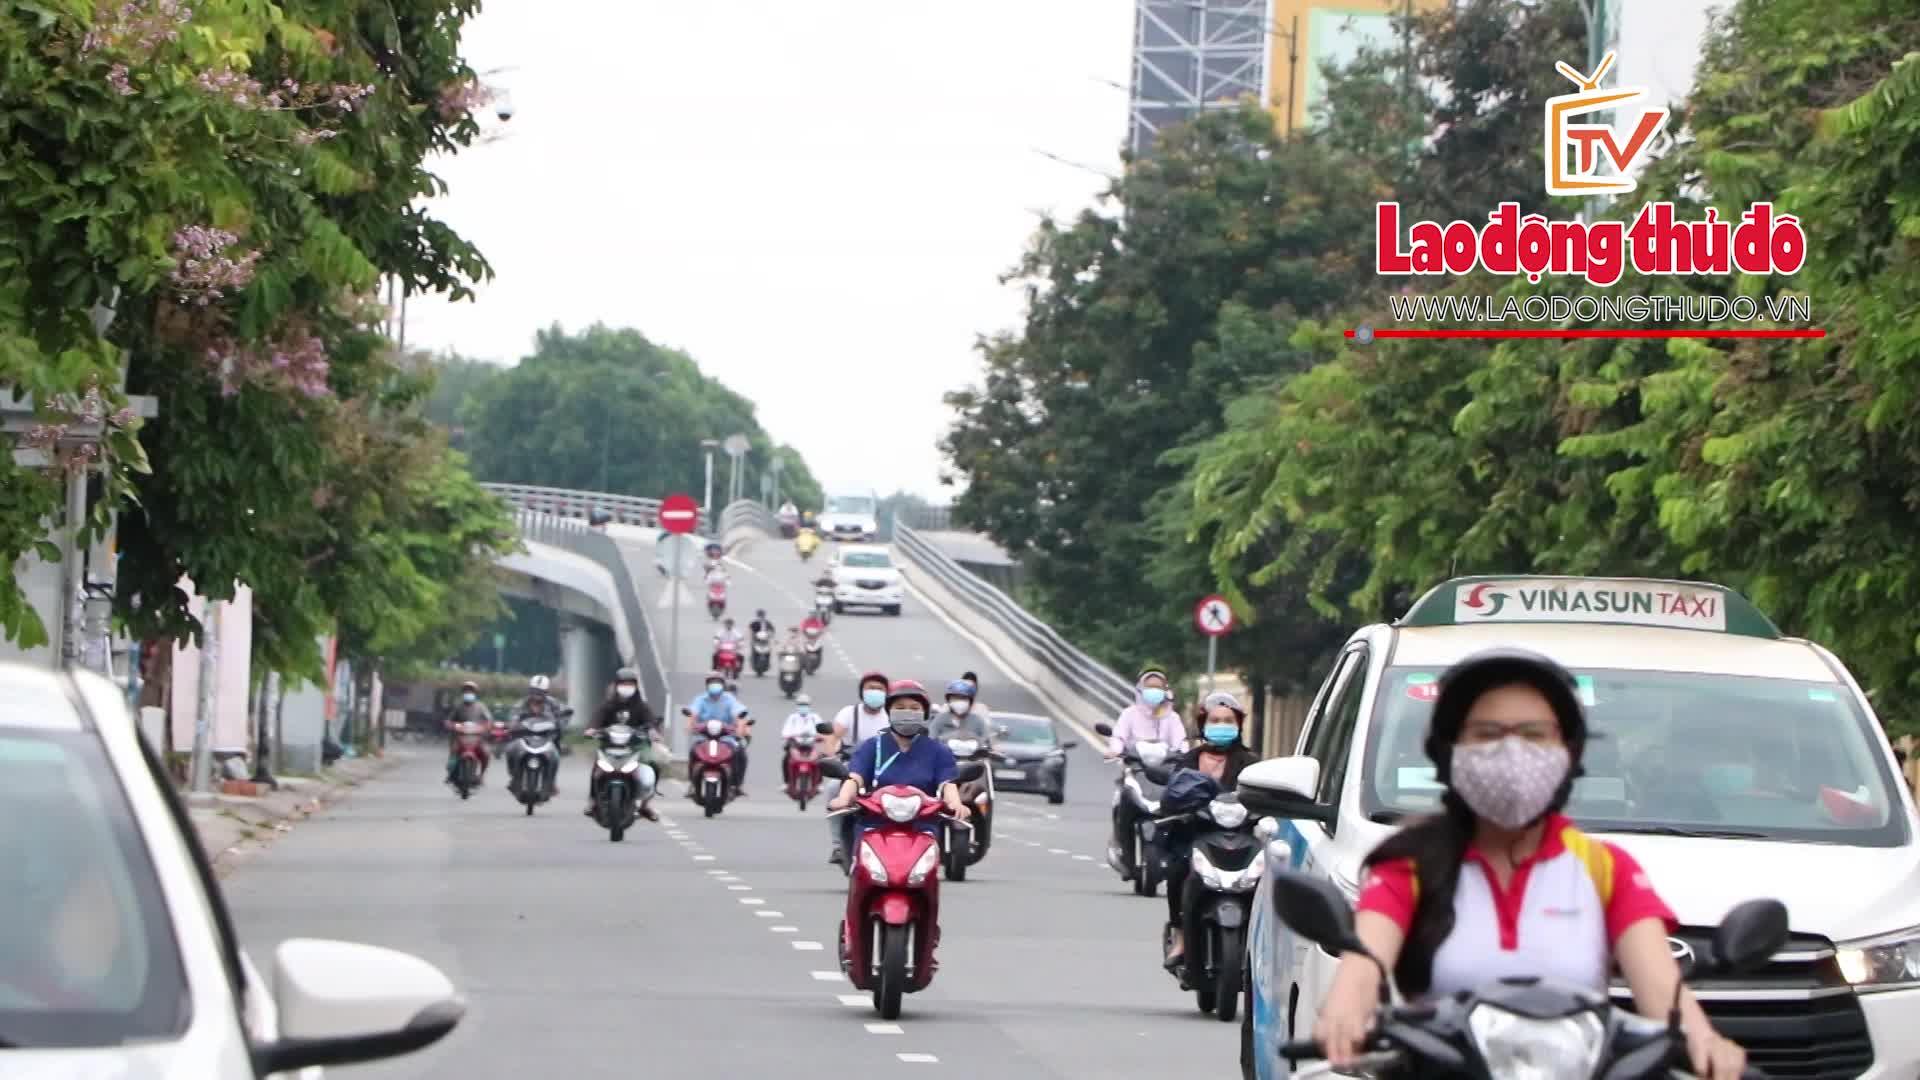 Người dân lại ra đường đông đúc tại thành phố Hồ Chí Minh